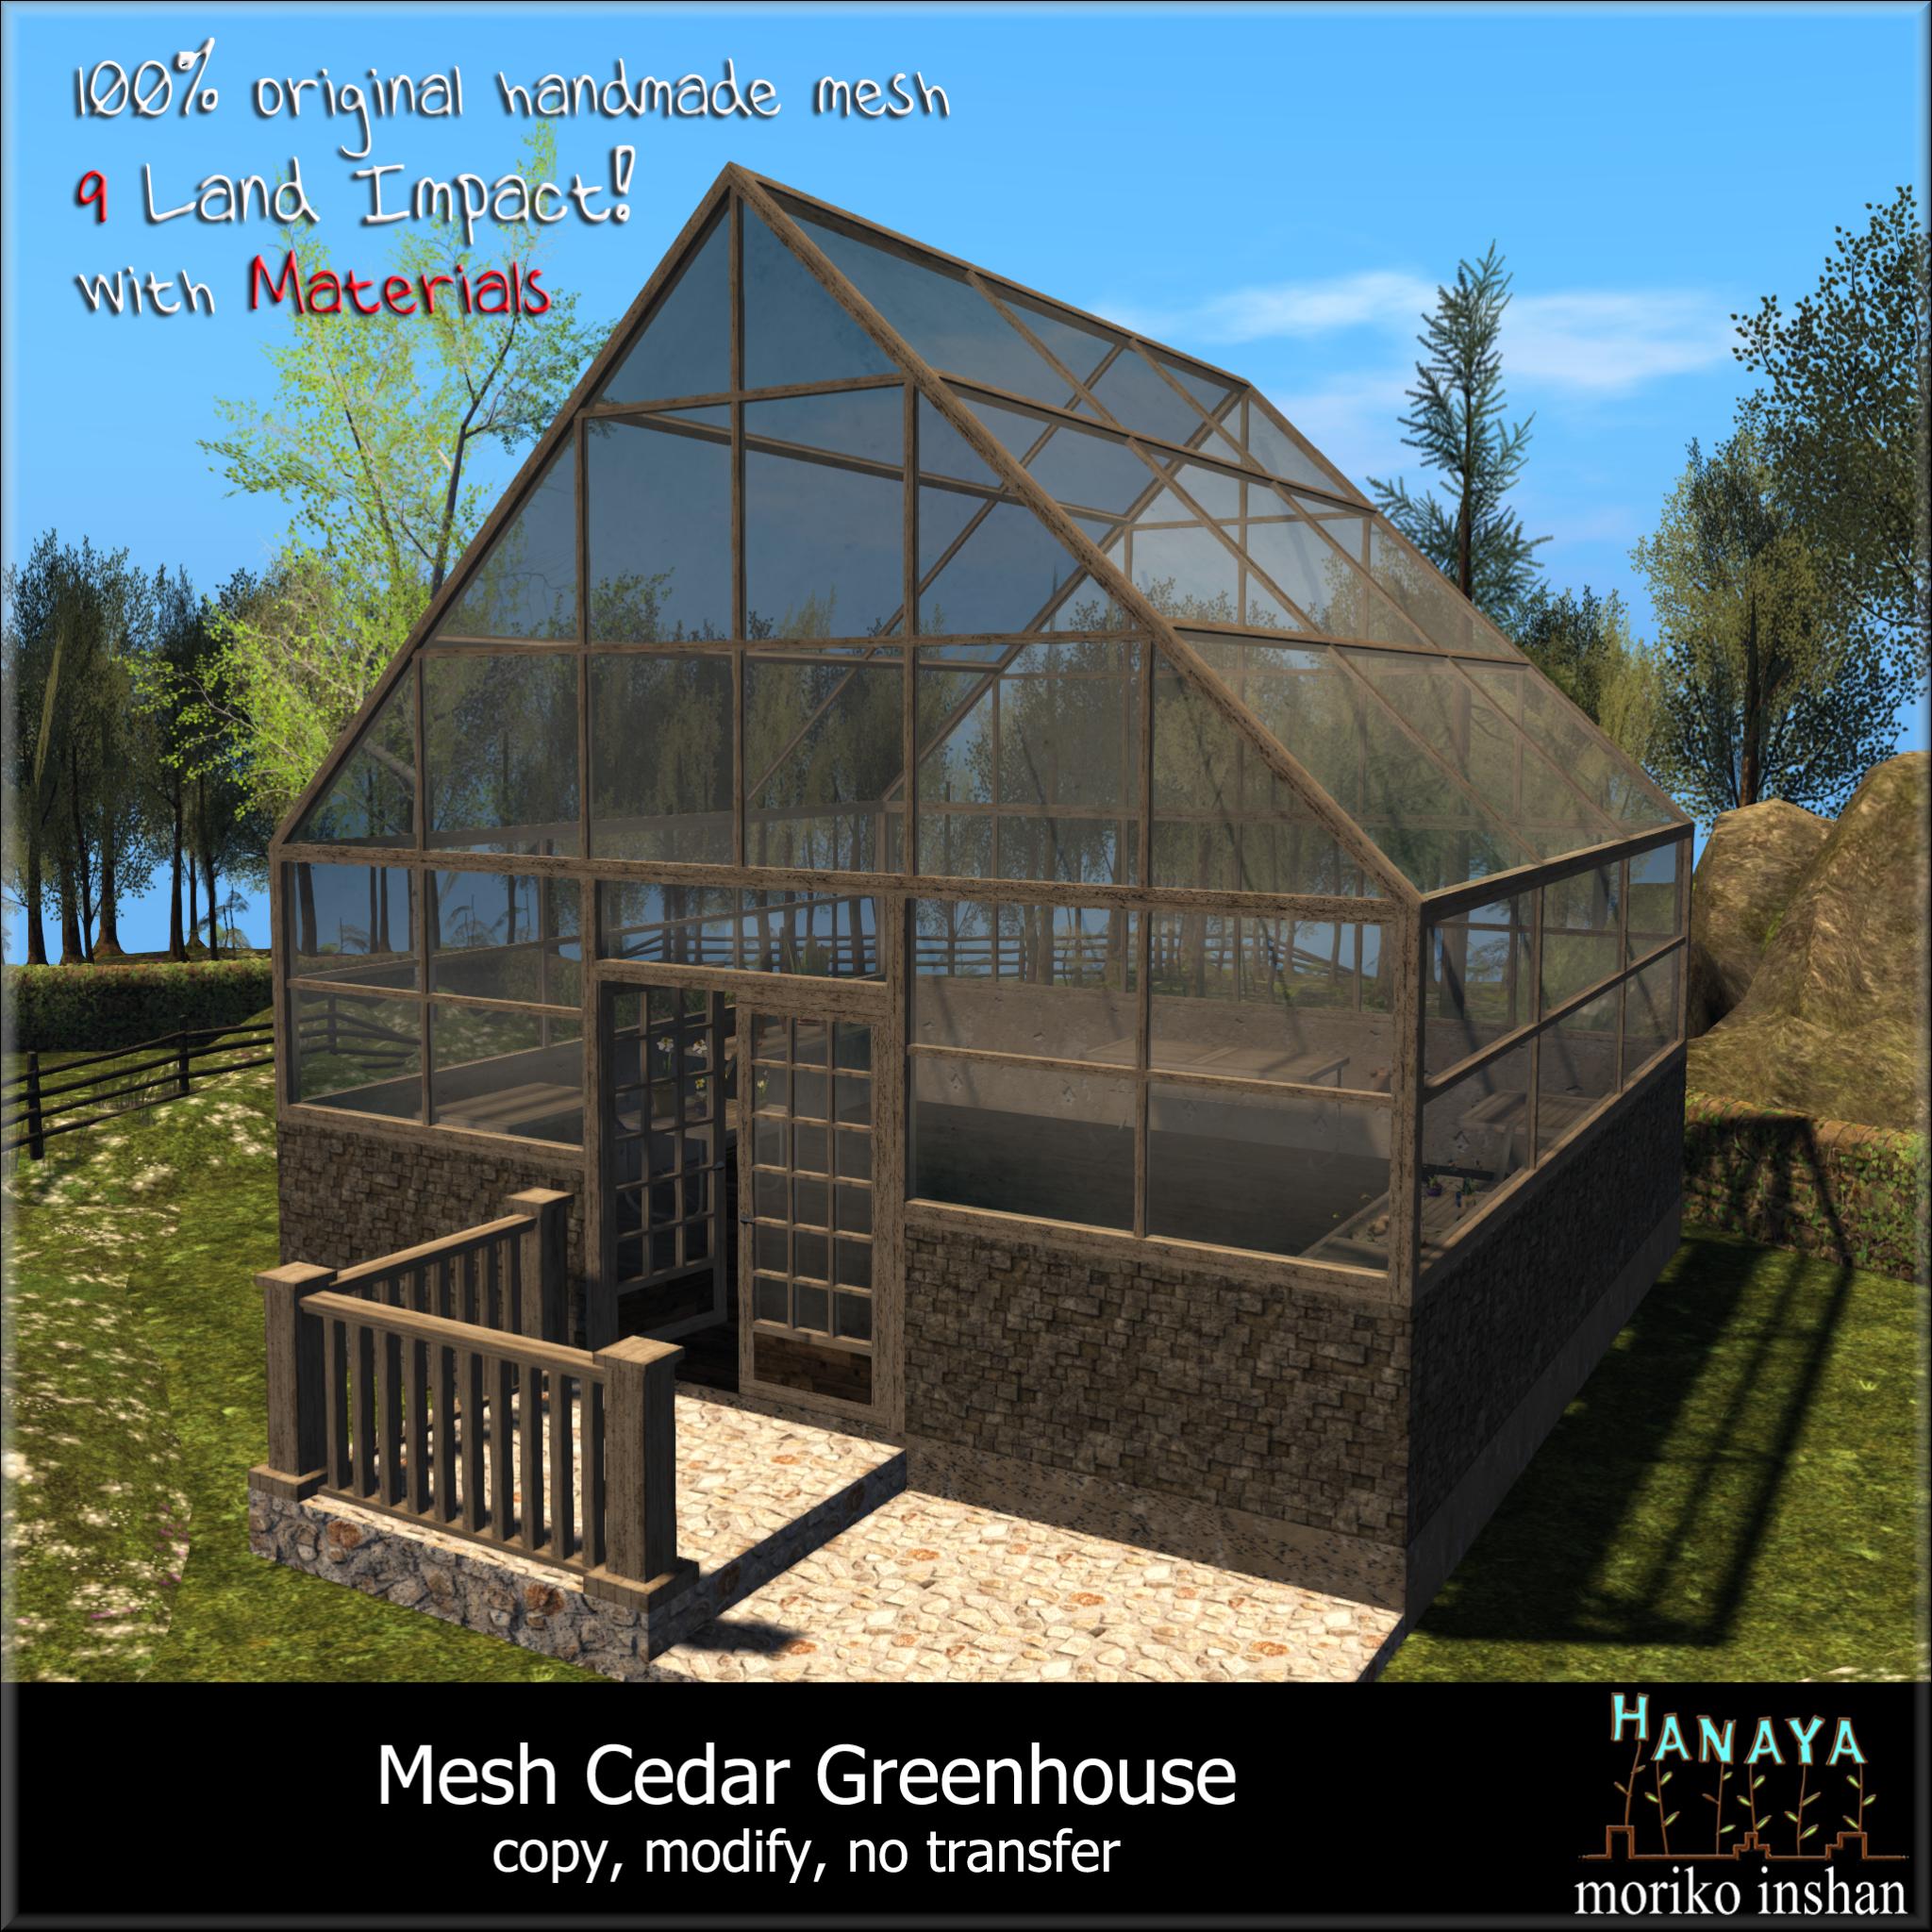 Hanaya-Mesh-Cedar-Greenhouse